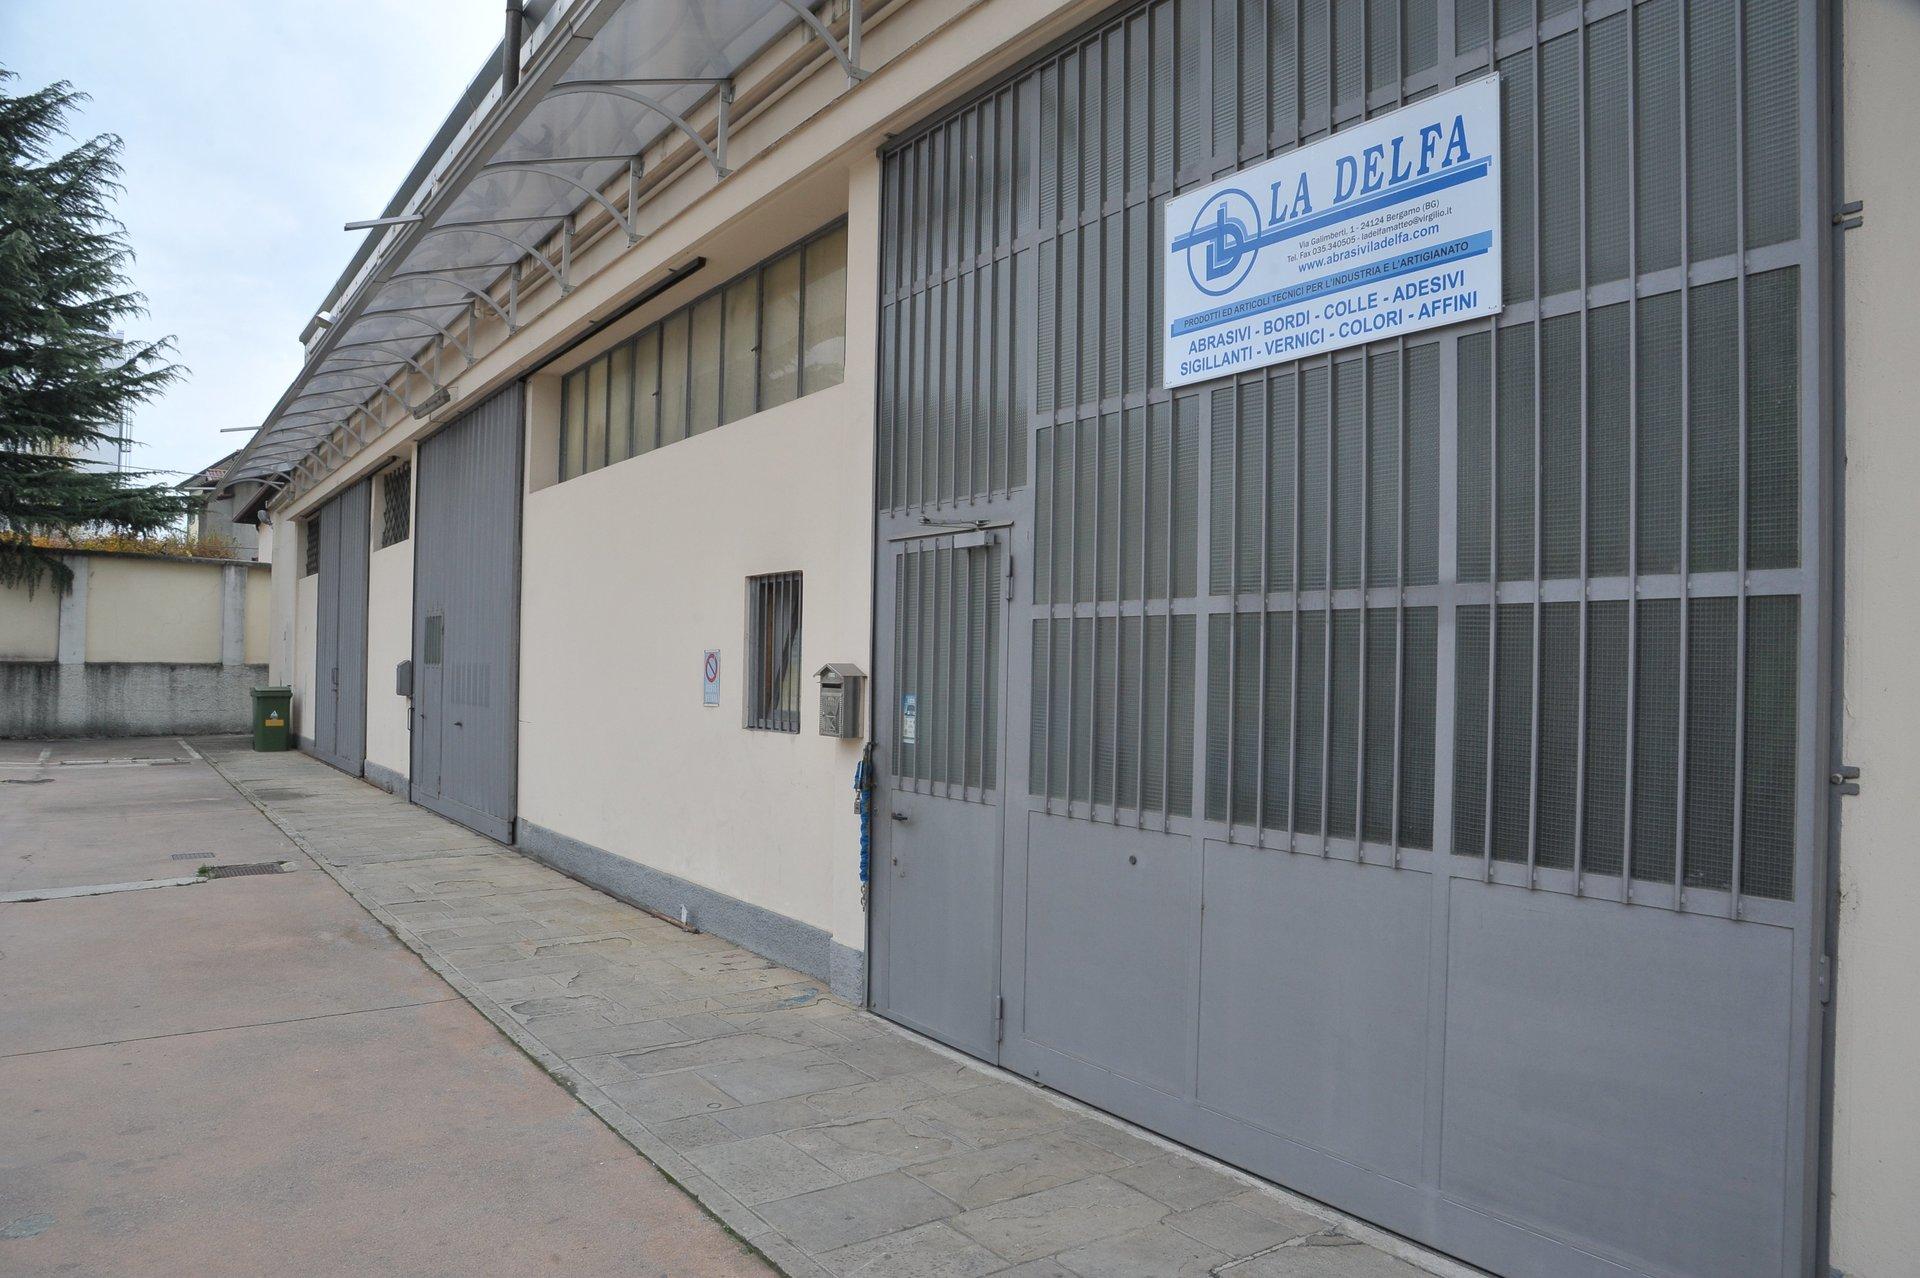 Foto in prospettiva del cancello ferrato d'ingresso al magazzino La Delfa